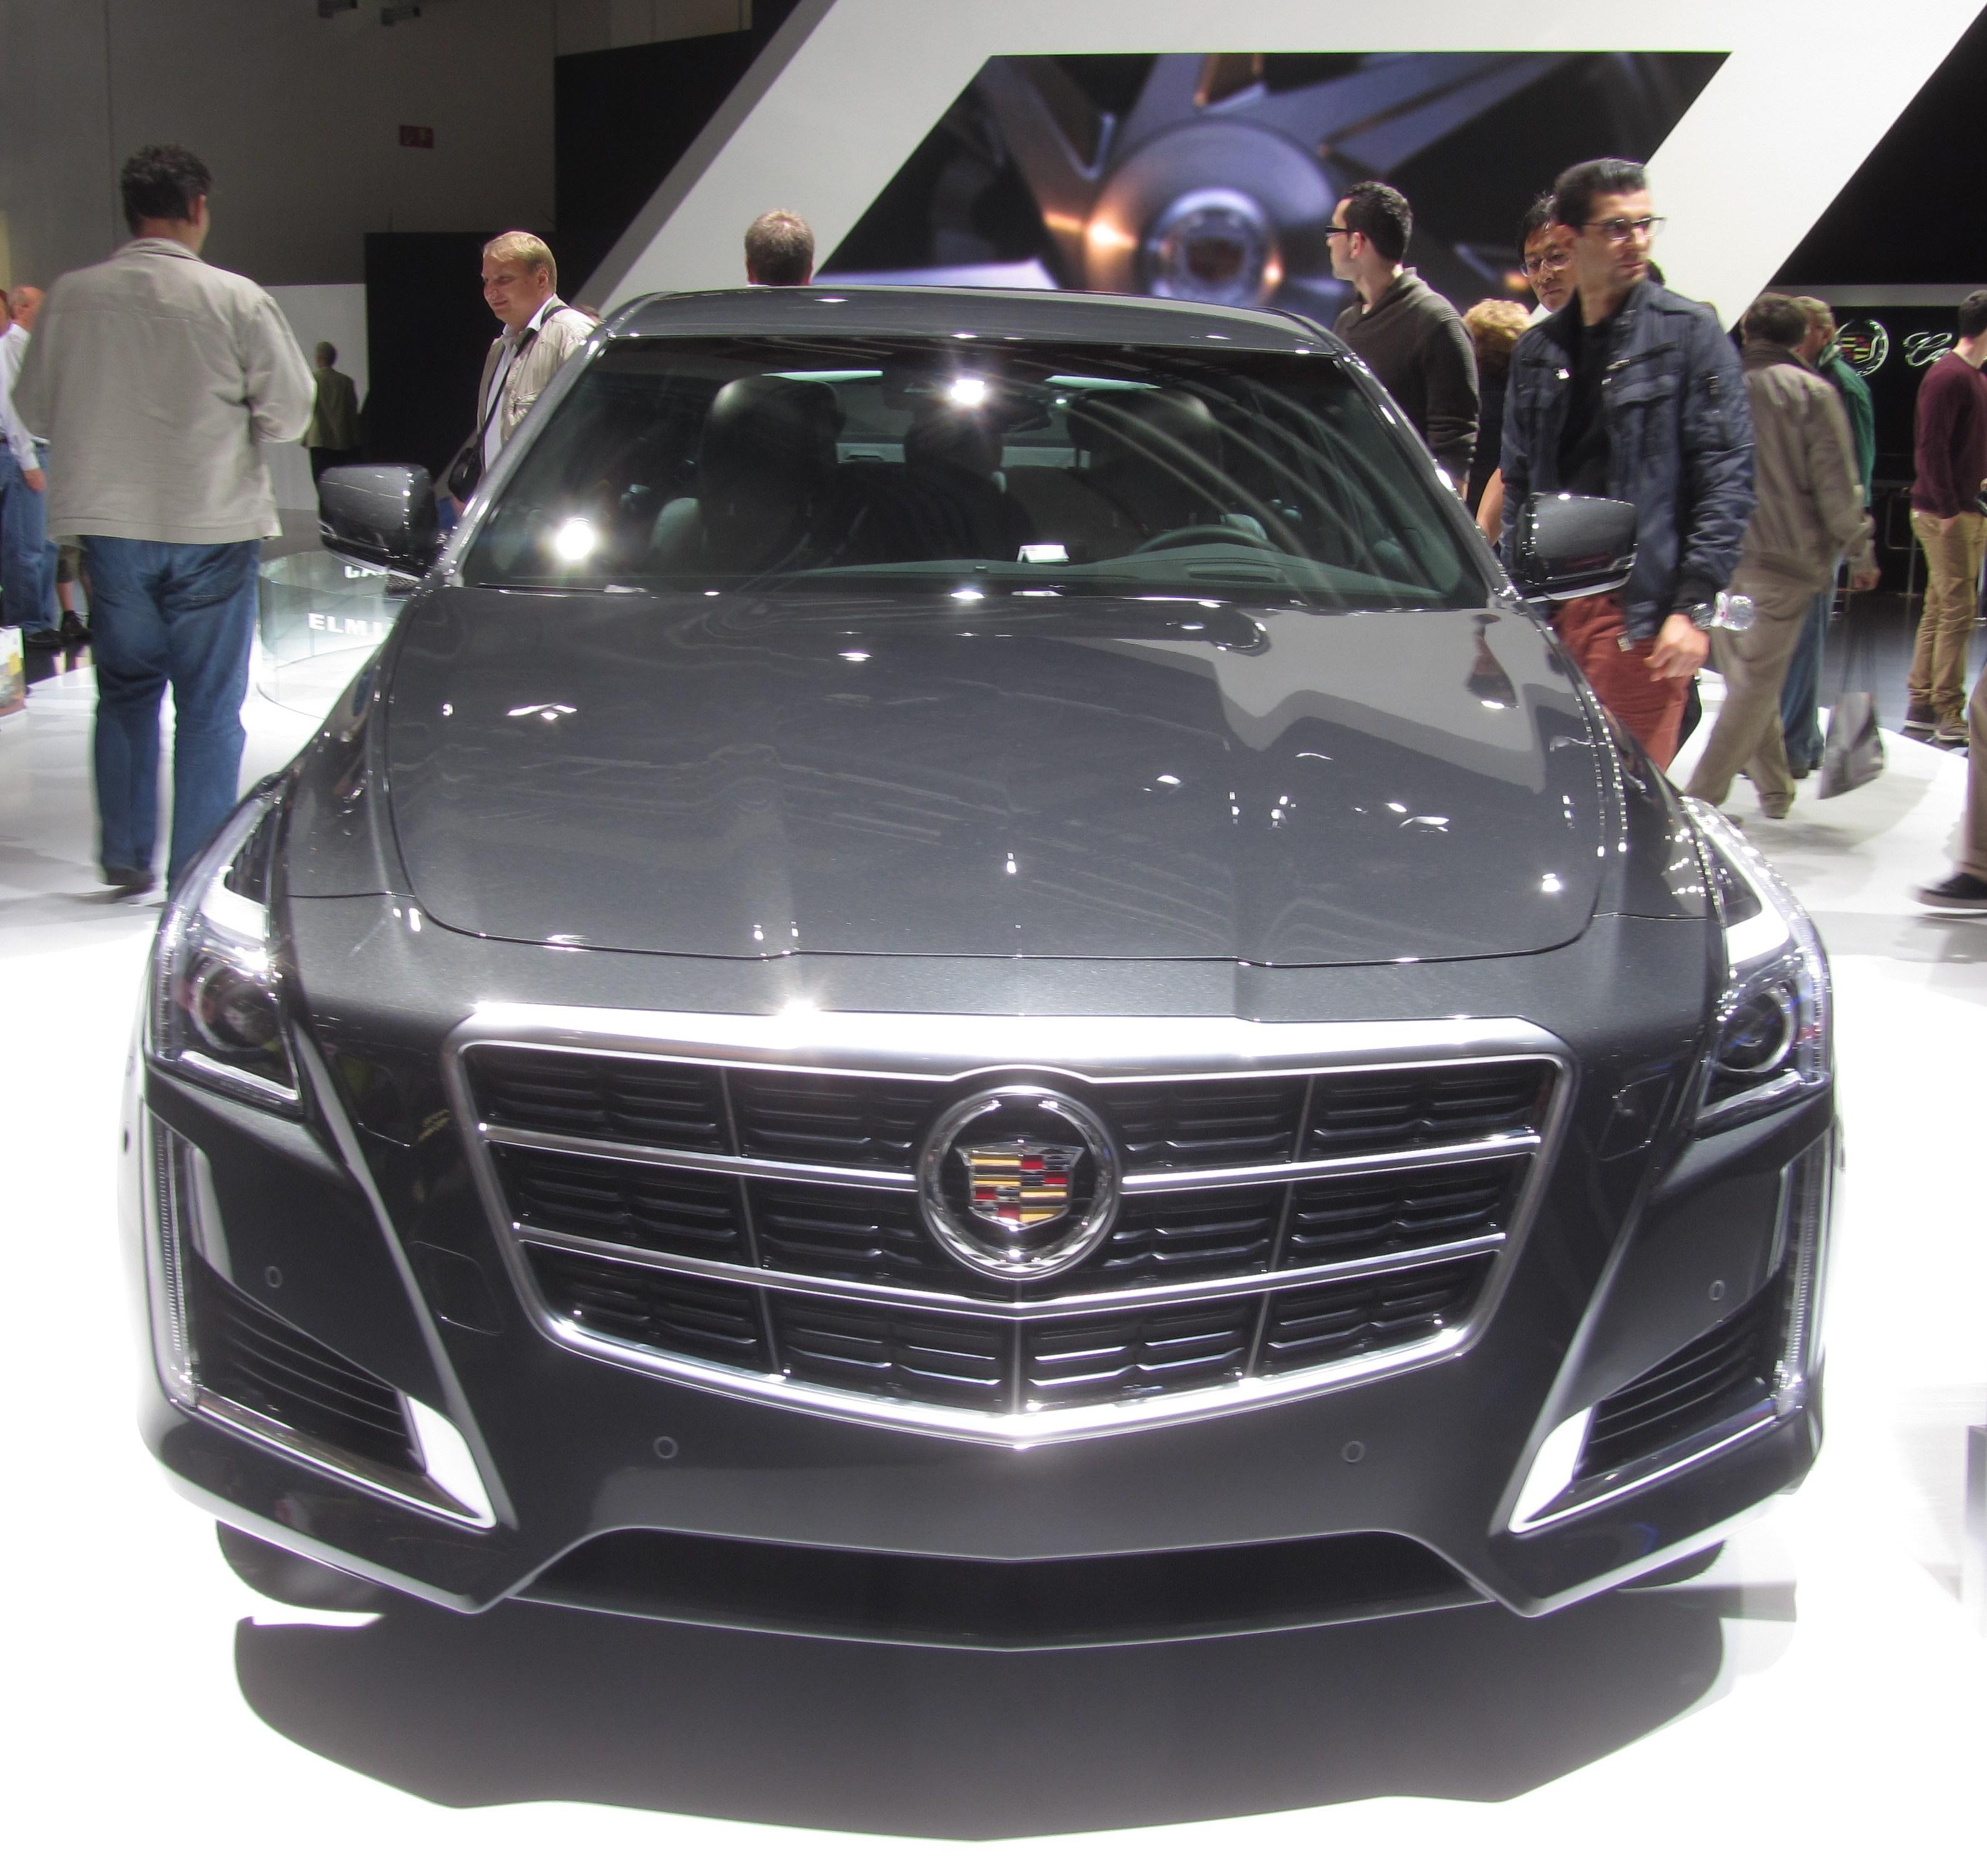 Awd Cadillac Cts: File:Cadillac-CTS-2014-gray IAA2013 Front-view LWS2815.jpg